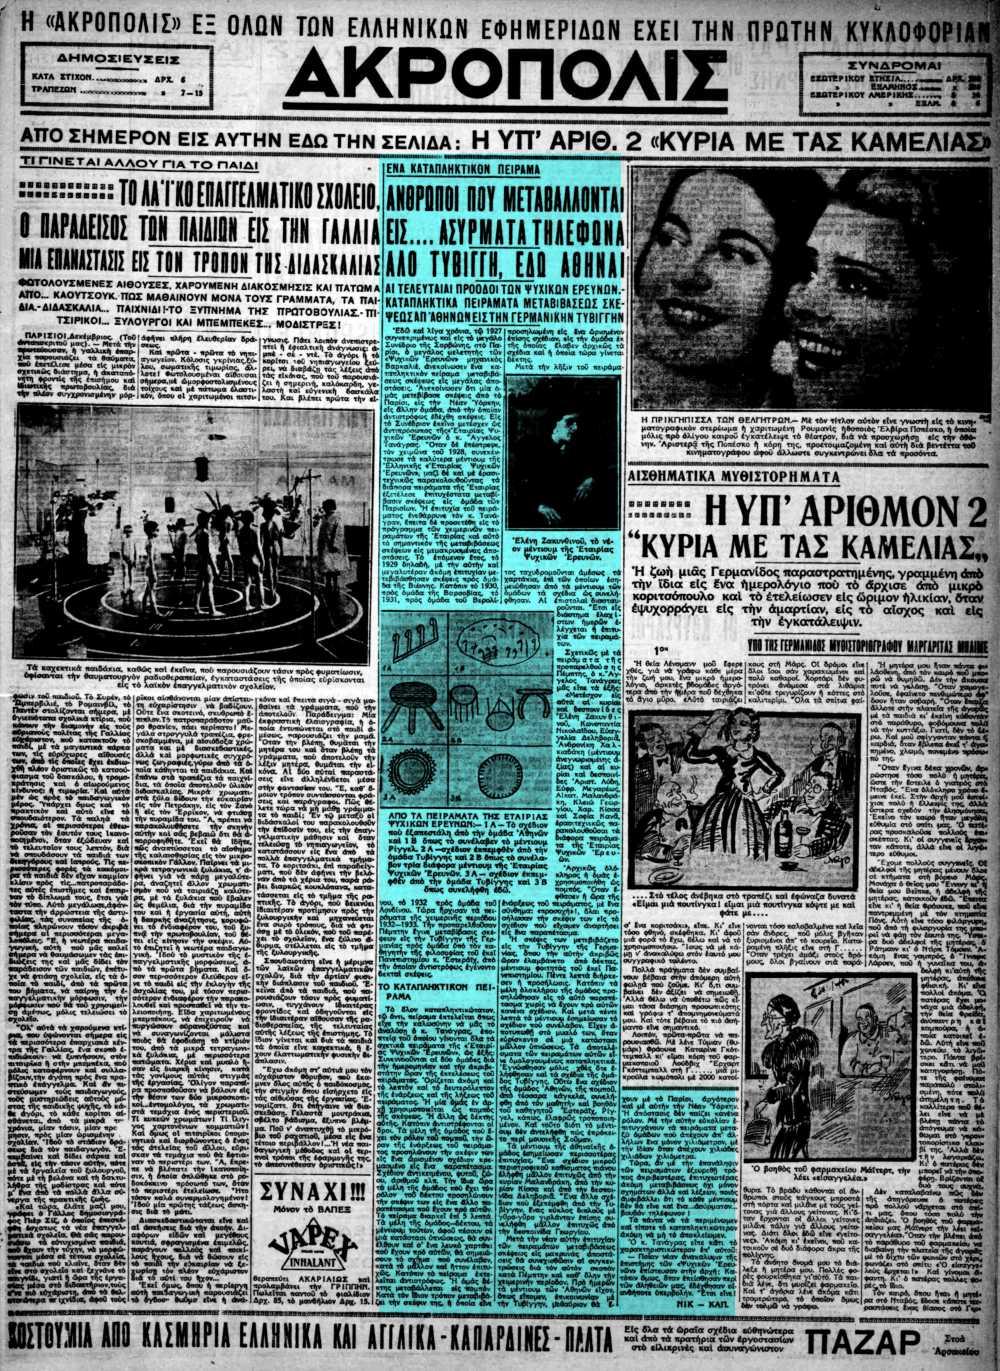 """Το άρθρο, όπως δημοσιεύθηκε στην εφημερίδα """"ΑΚΡΟΠΟΛΙΣ"""", στις 27/12/1932"""